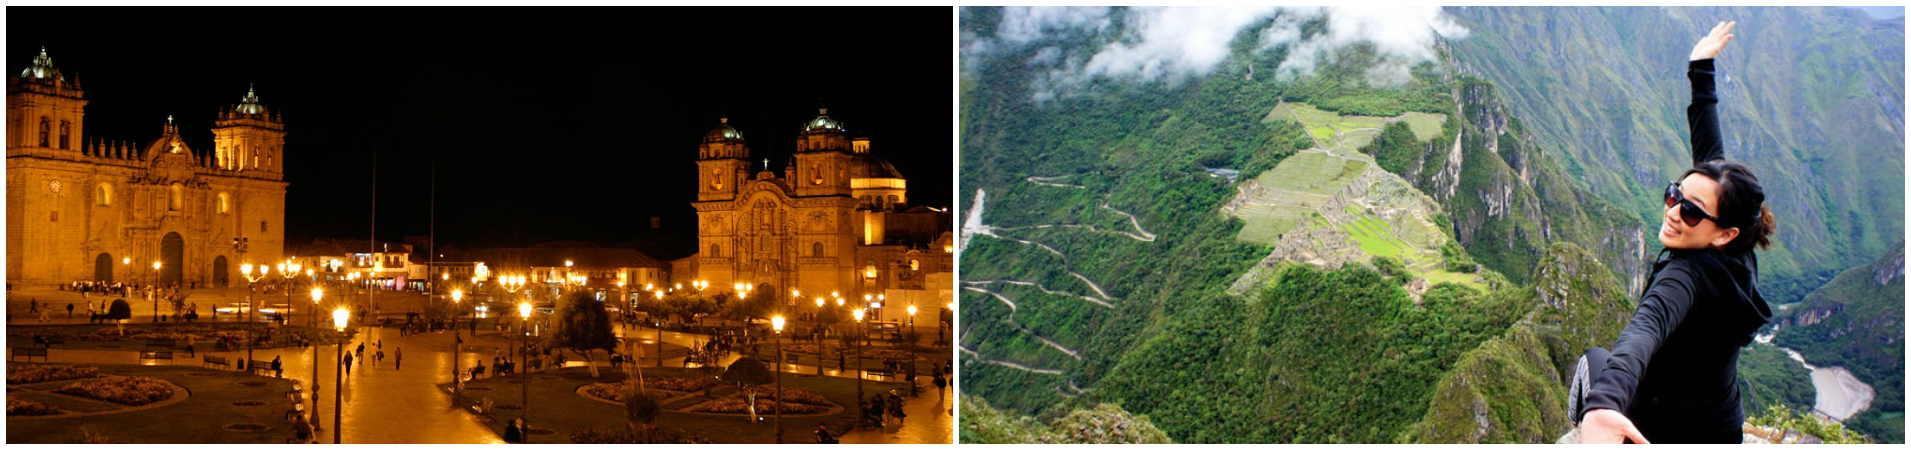 Tours Cusco Mágico 5 dias qori inka travel agency peru